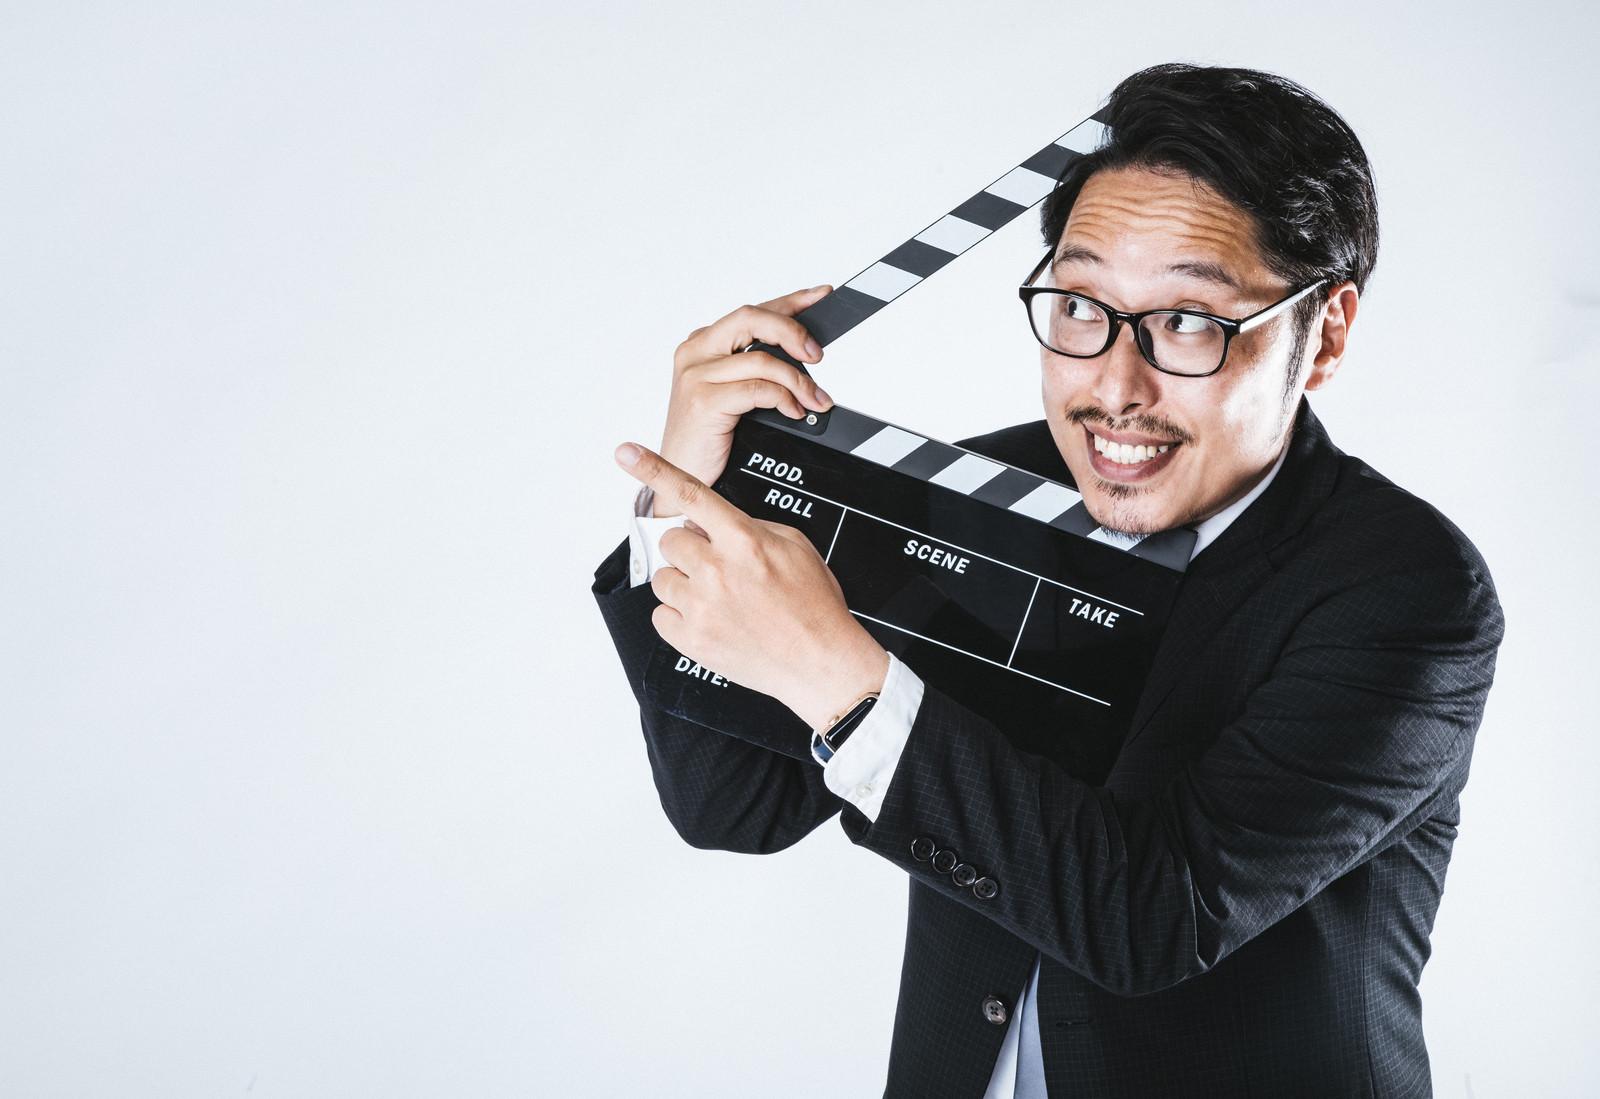 高評価の作品多数!2014~2016年「歴代映画ランキング」総まとめのサムネイル画像